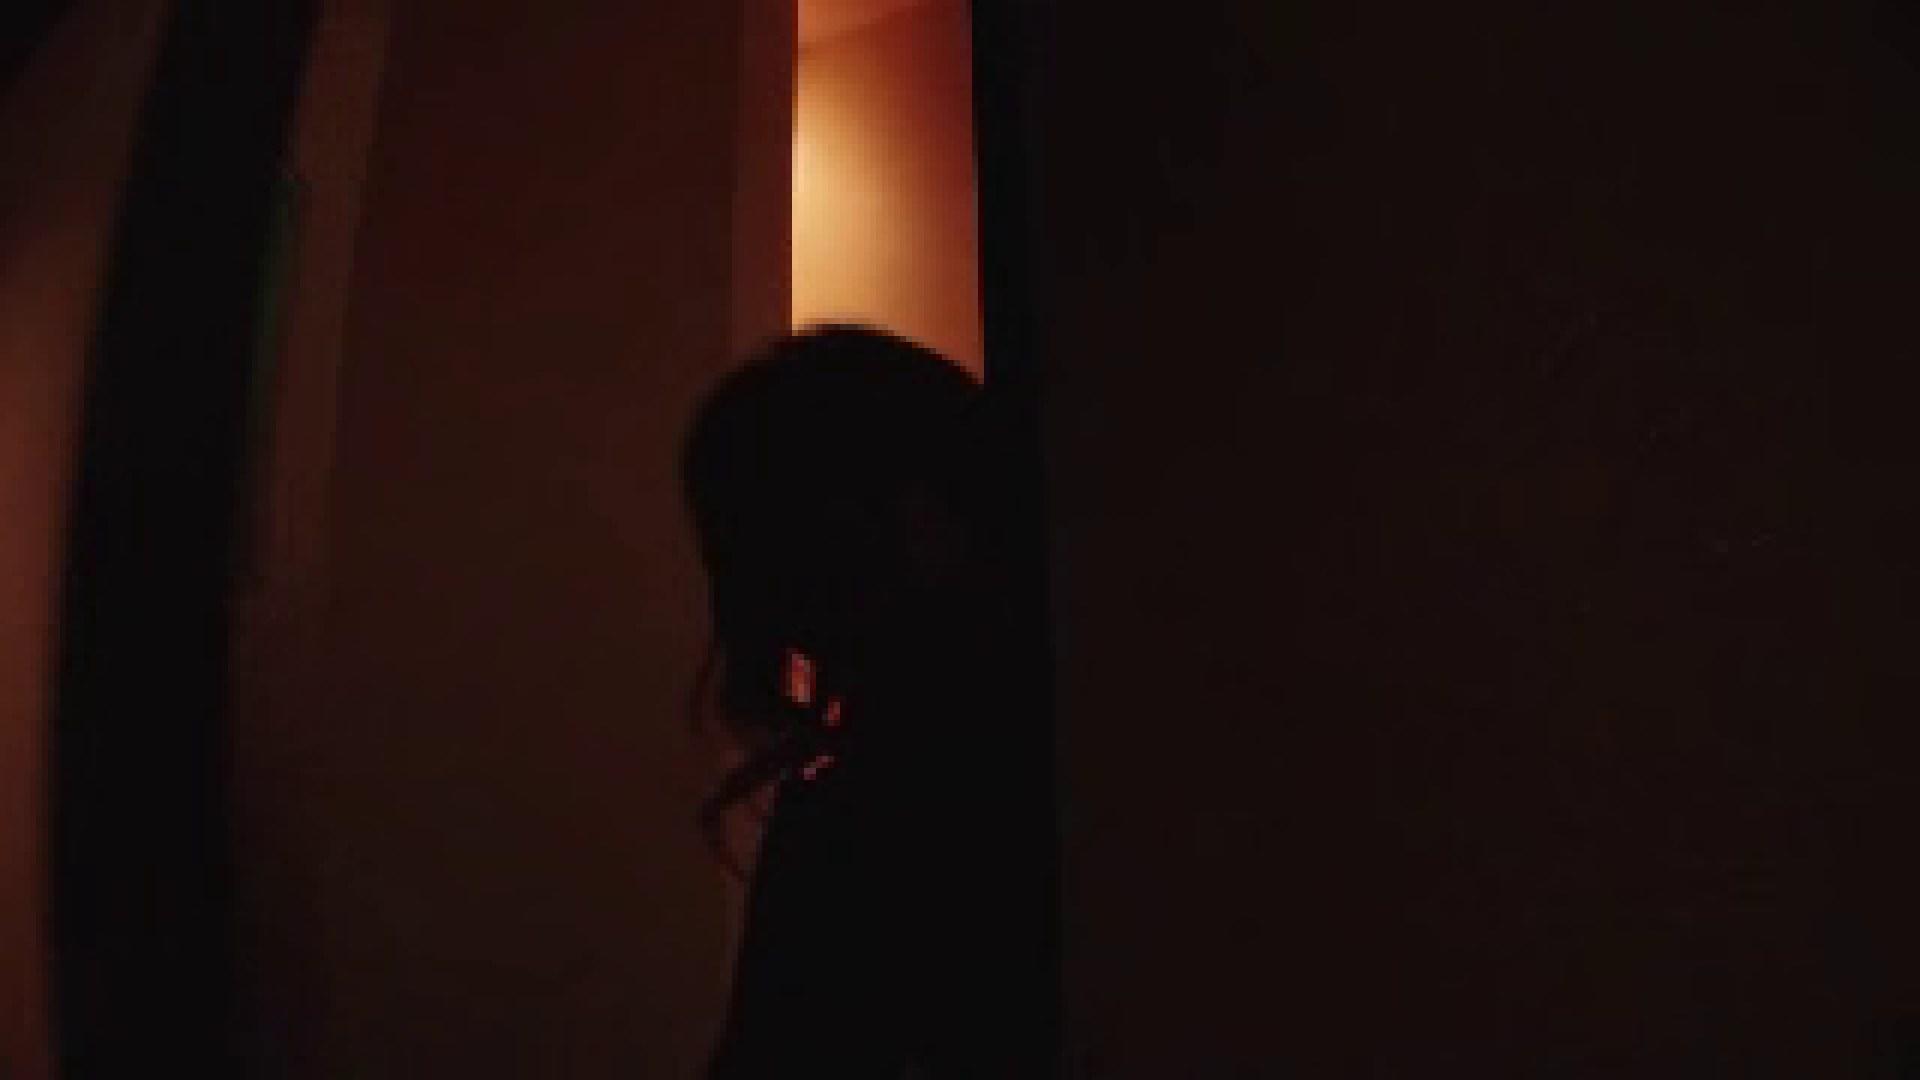 親友同士で競演 超美形のSEXパーティ Vol.01 エッチなOL ワレメ動画紹介 73pic 2